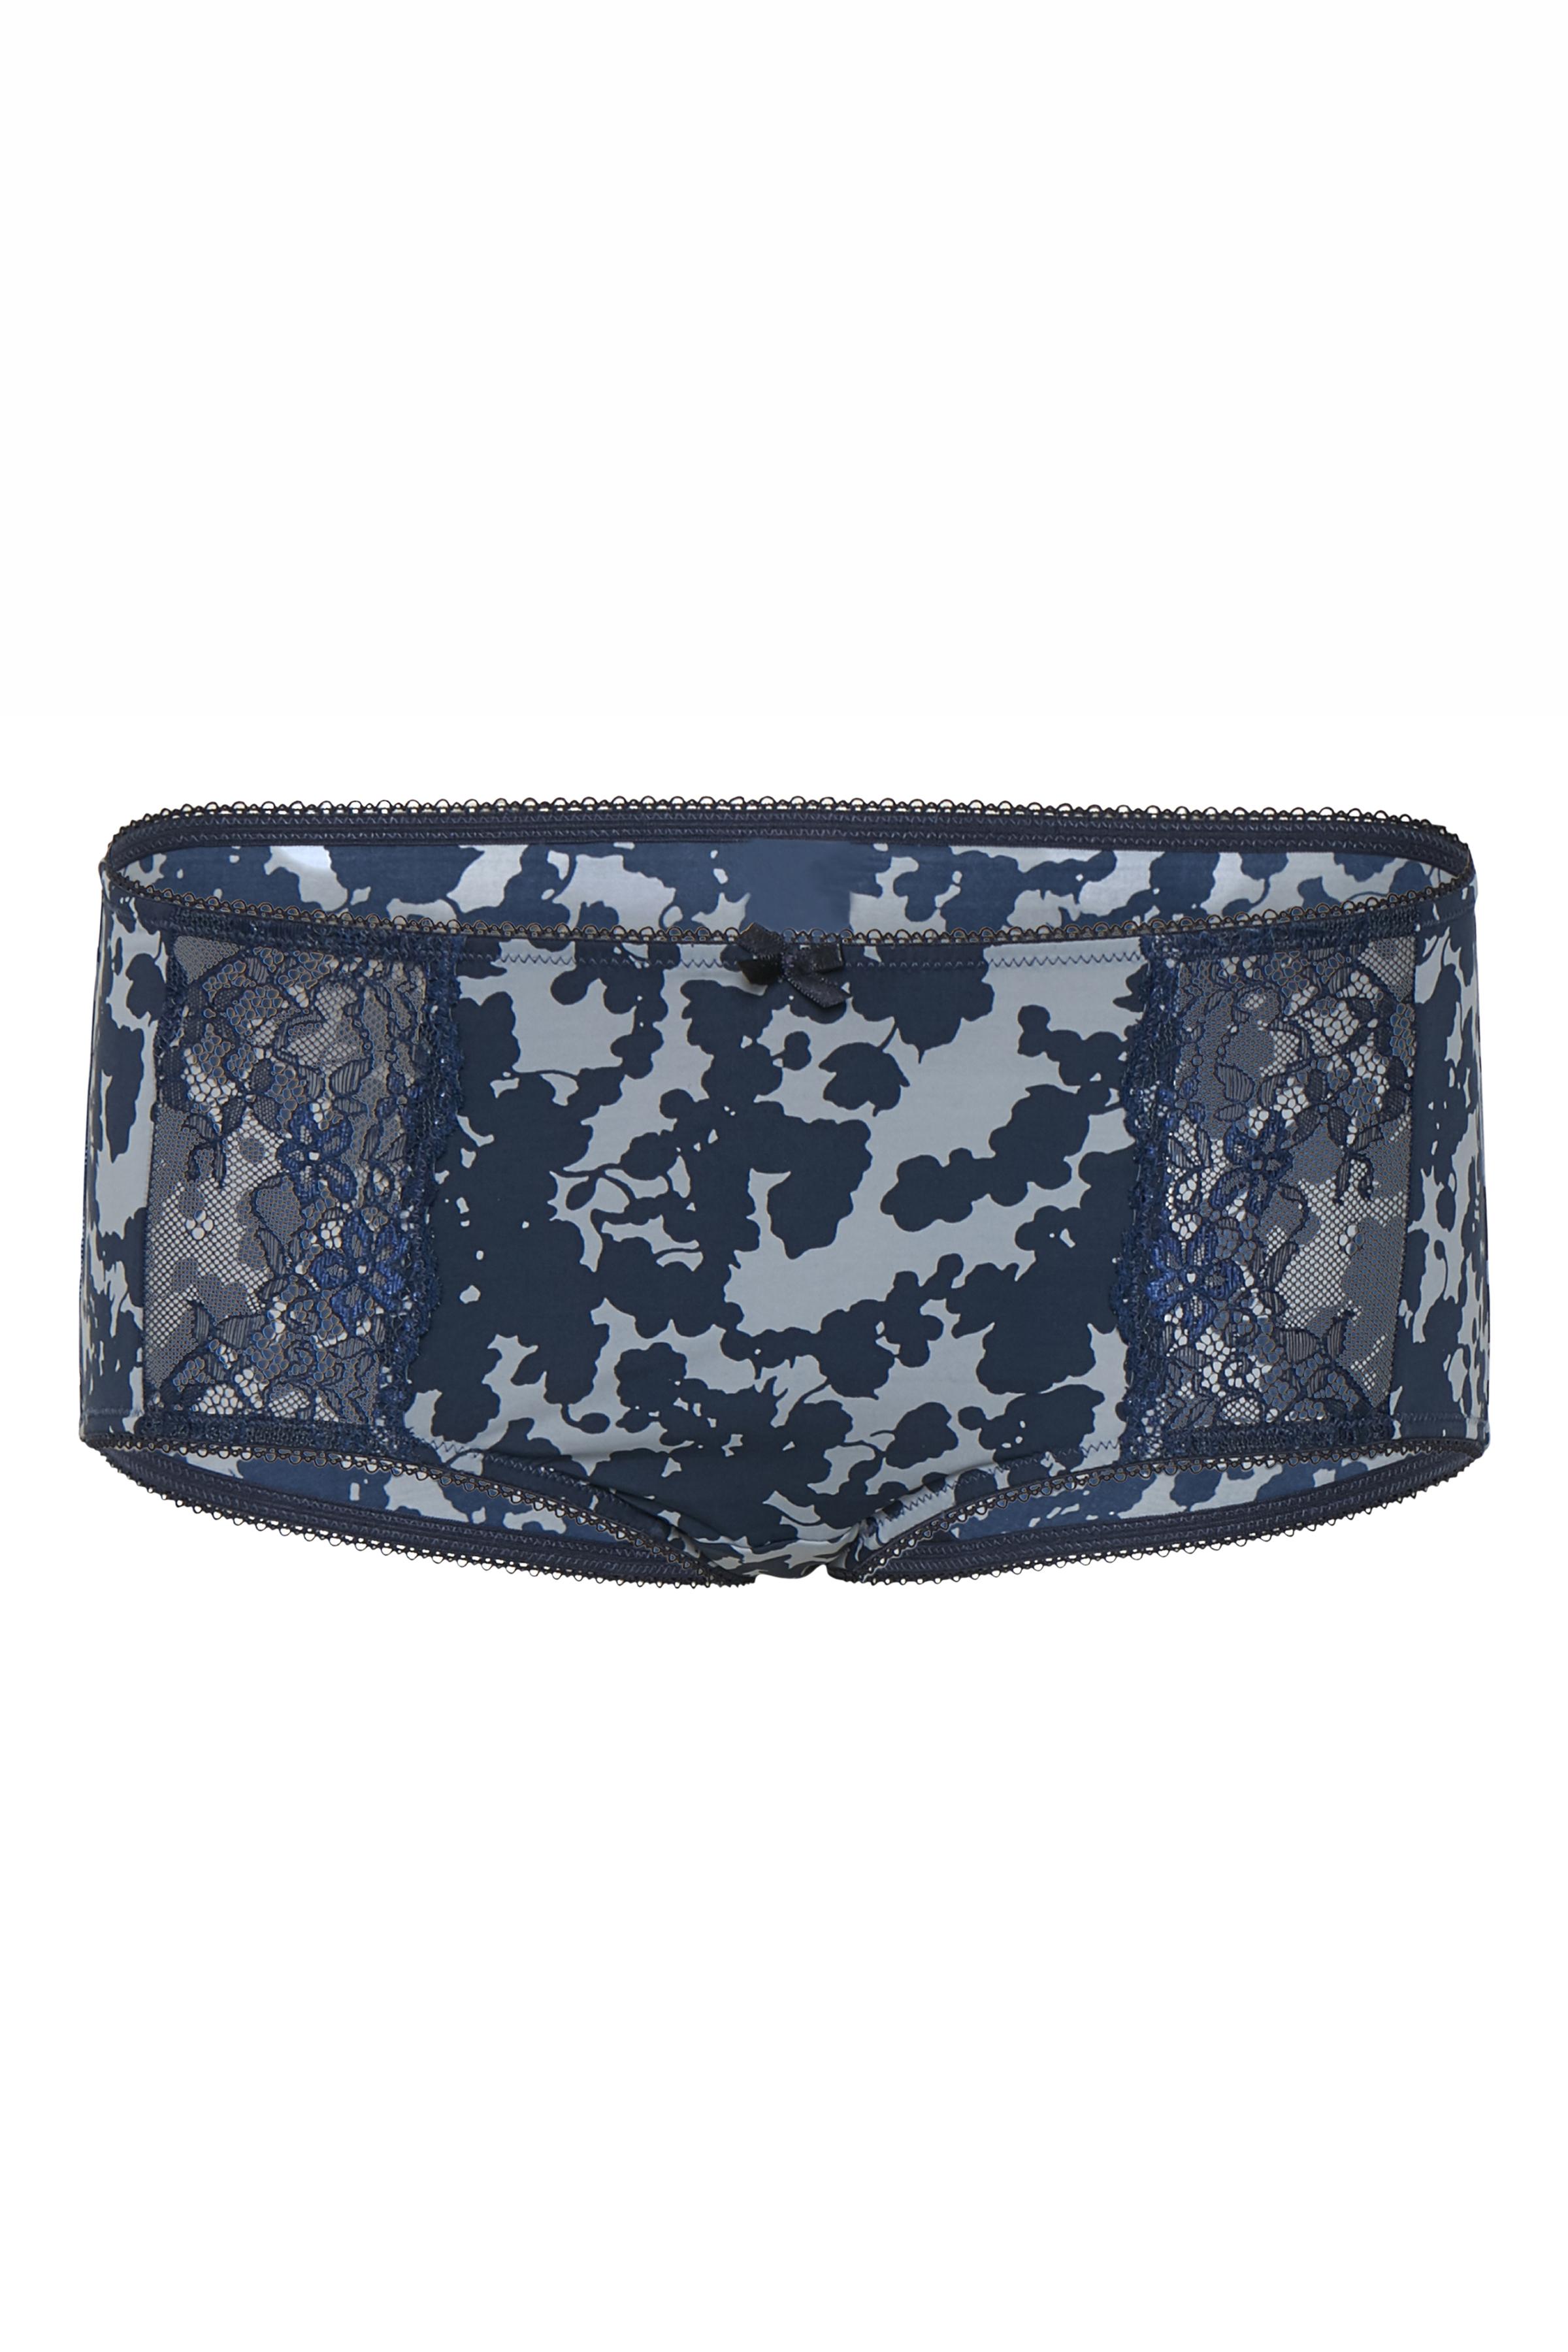 Marineblau Shorts von Bon'A Parte – Shoppen Sie Marineblau Shorts ab Gr. 36-48 hier